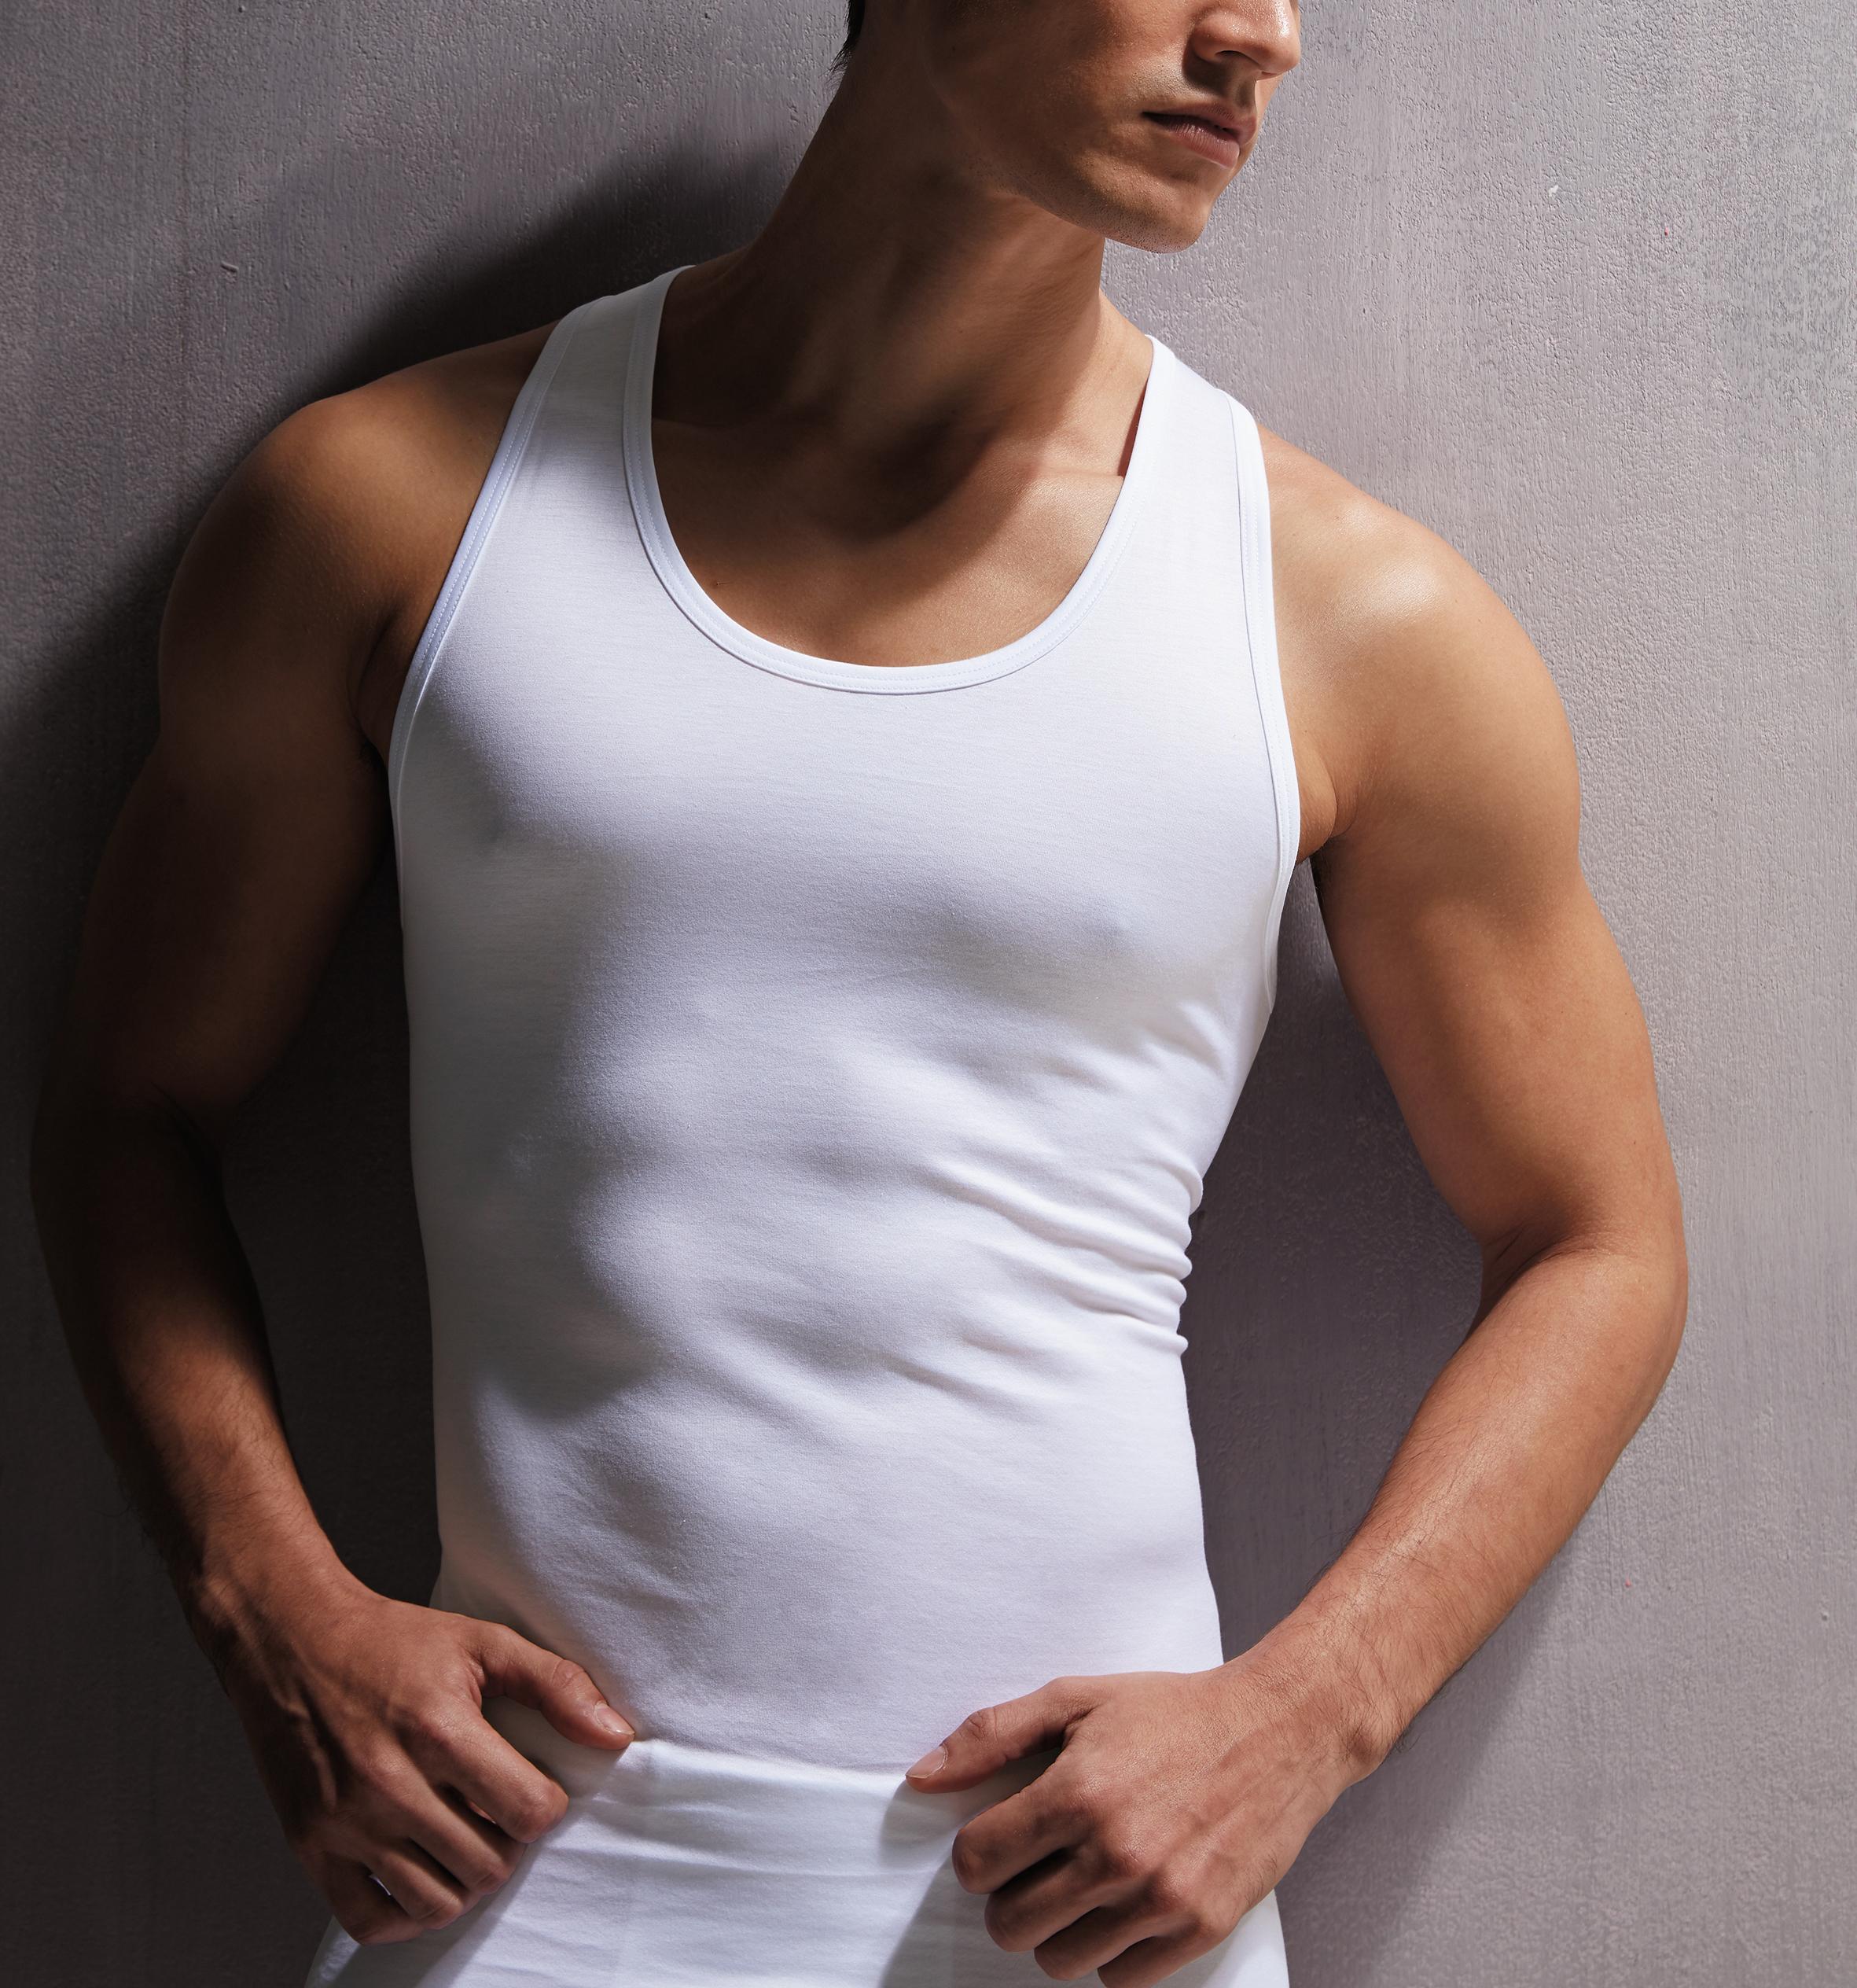 쿠팡 브랜드 - 남성용 항균 소취 속건 3기능성 런닝 8매